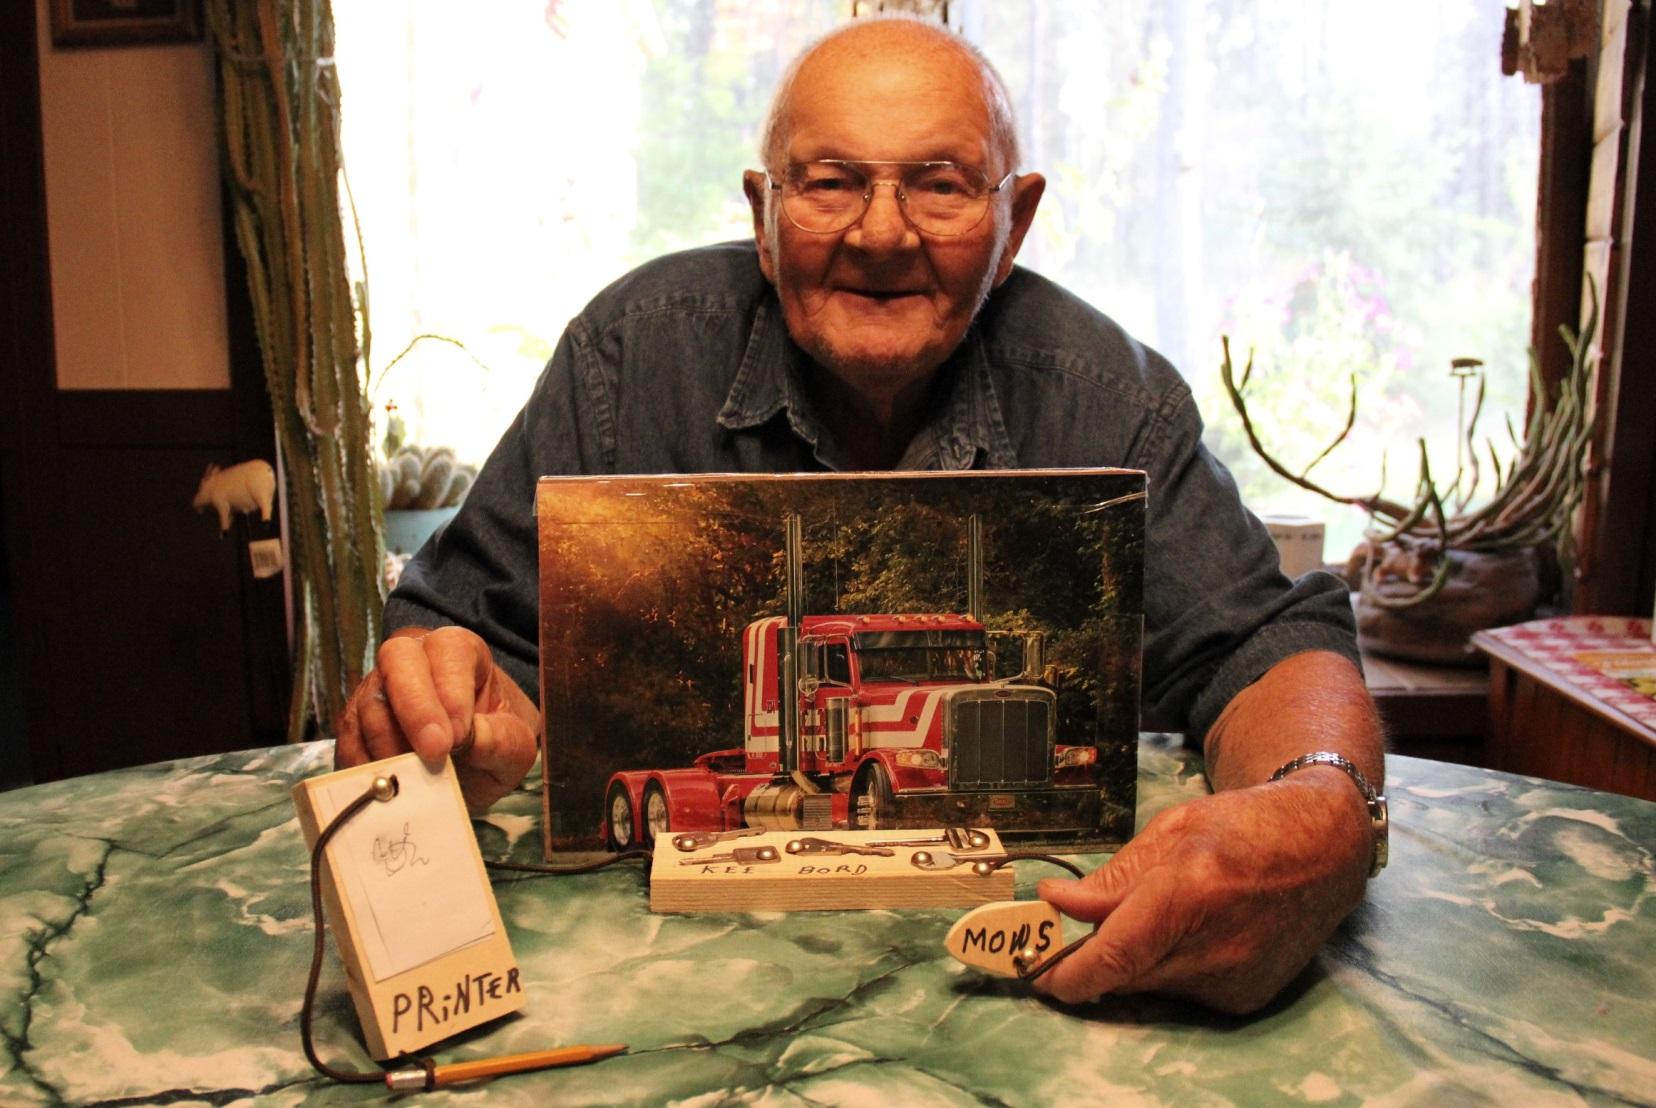 Grandpa Jake's Homemade Computer